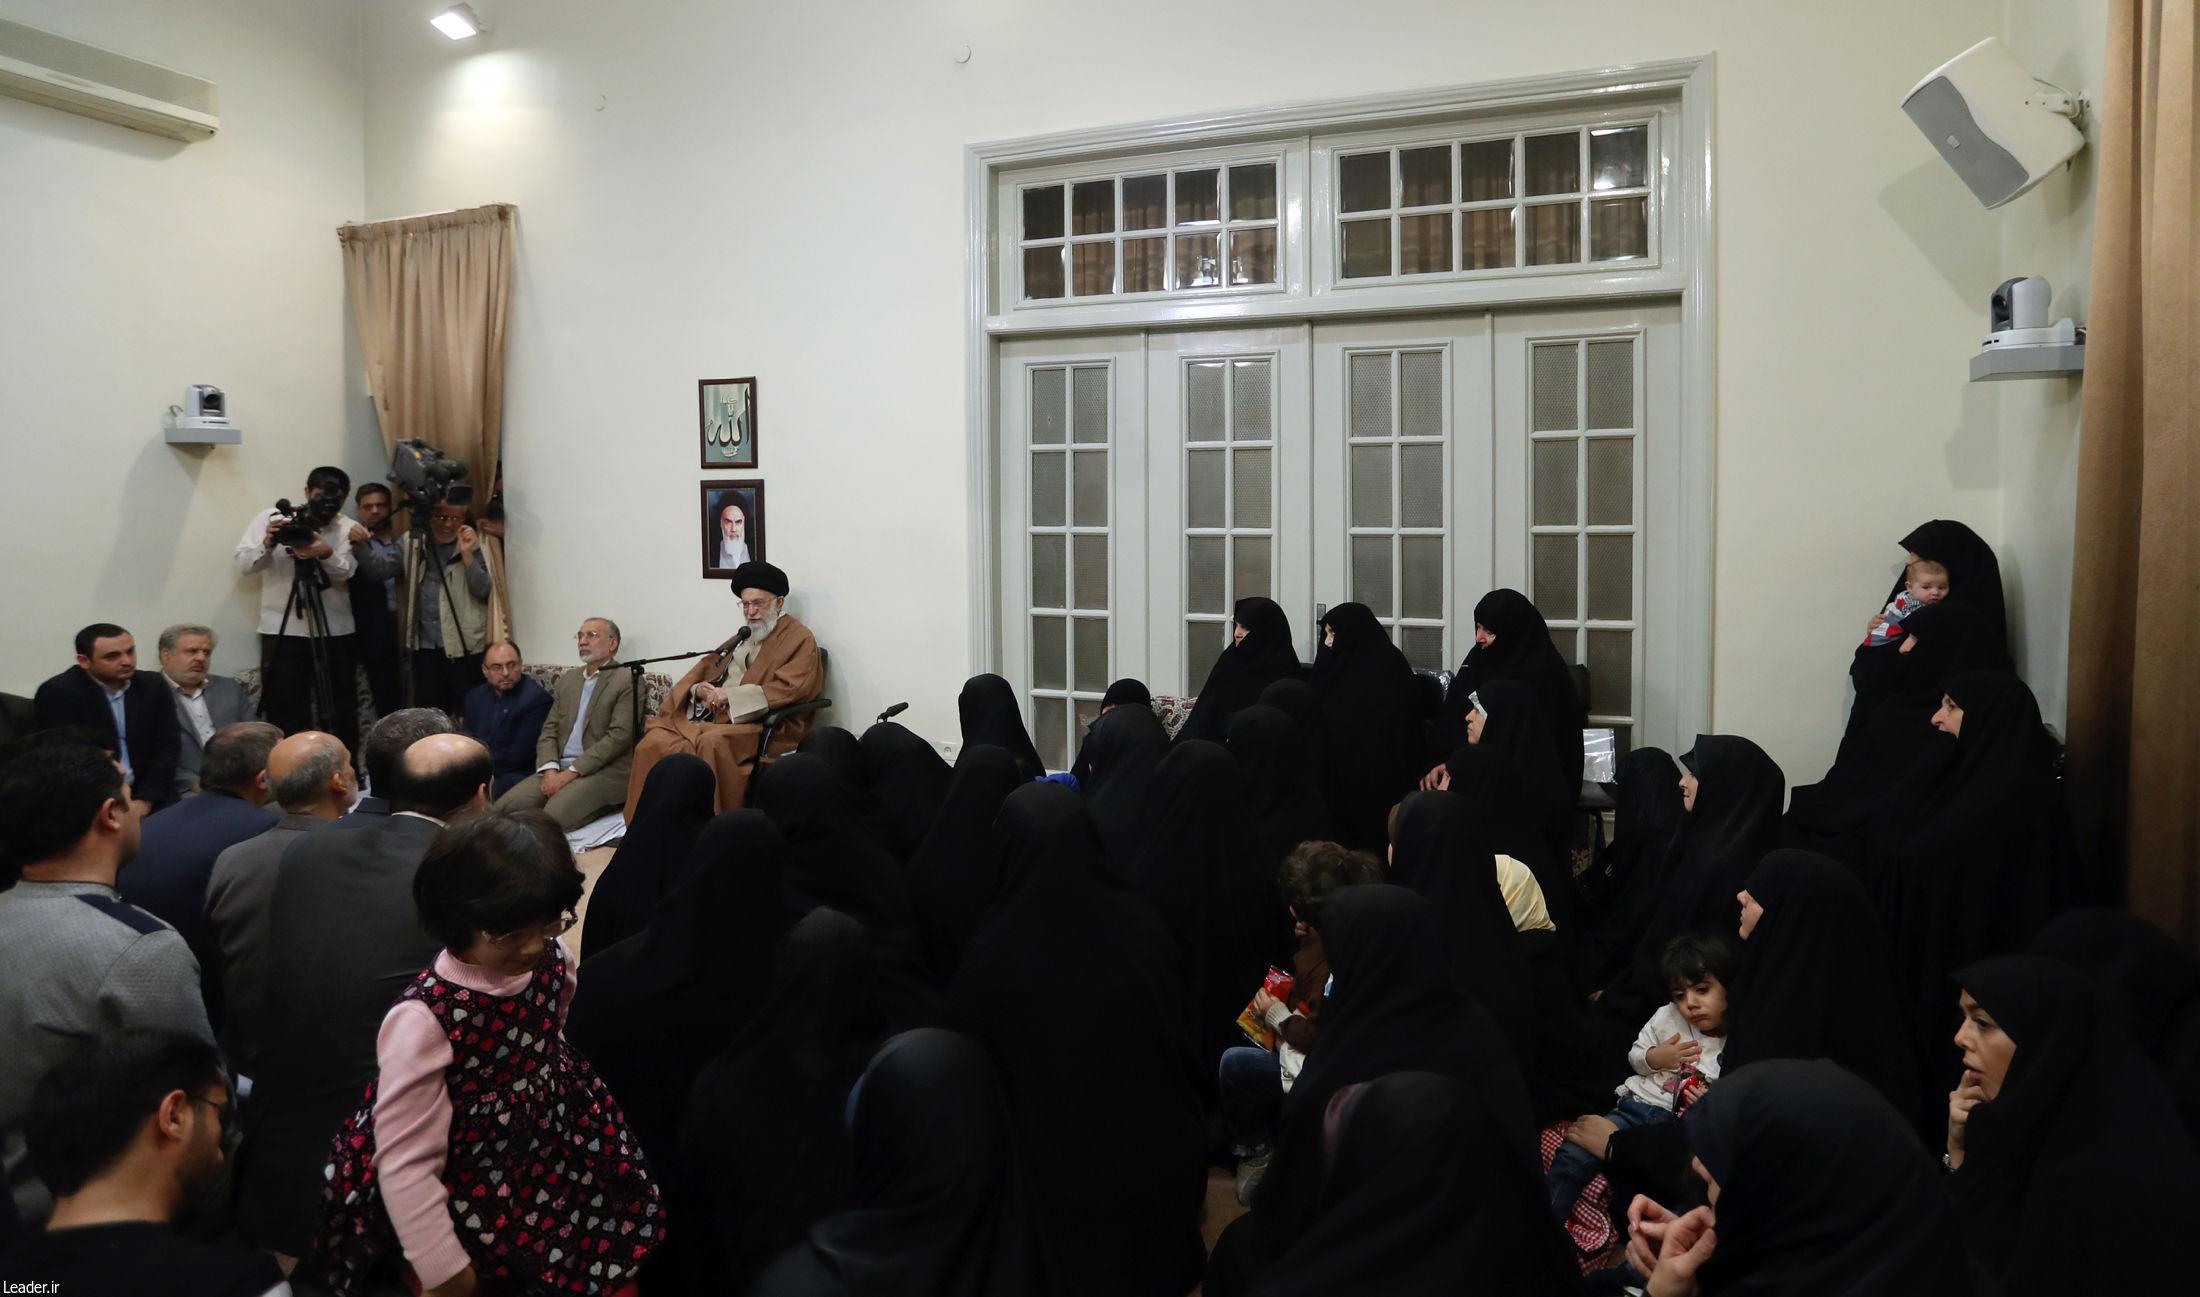 رهبر معظم انقلاب اسلامی در دیدار هفتگی با تعدادی از خانوادههای معظم شهیدان: روح شجاعت، فداکاری و ایمان مانع اعمال دشمنیِ دشمنان است